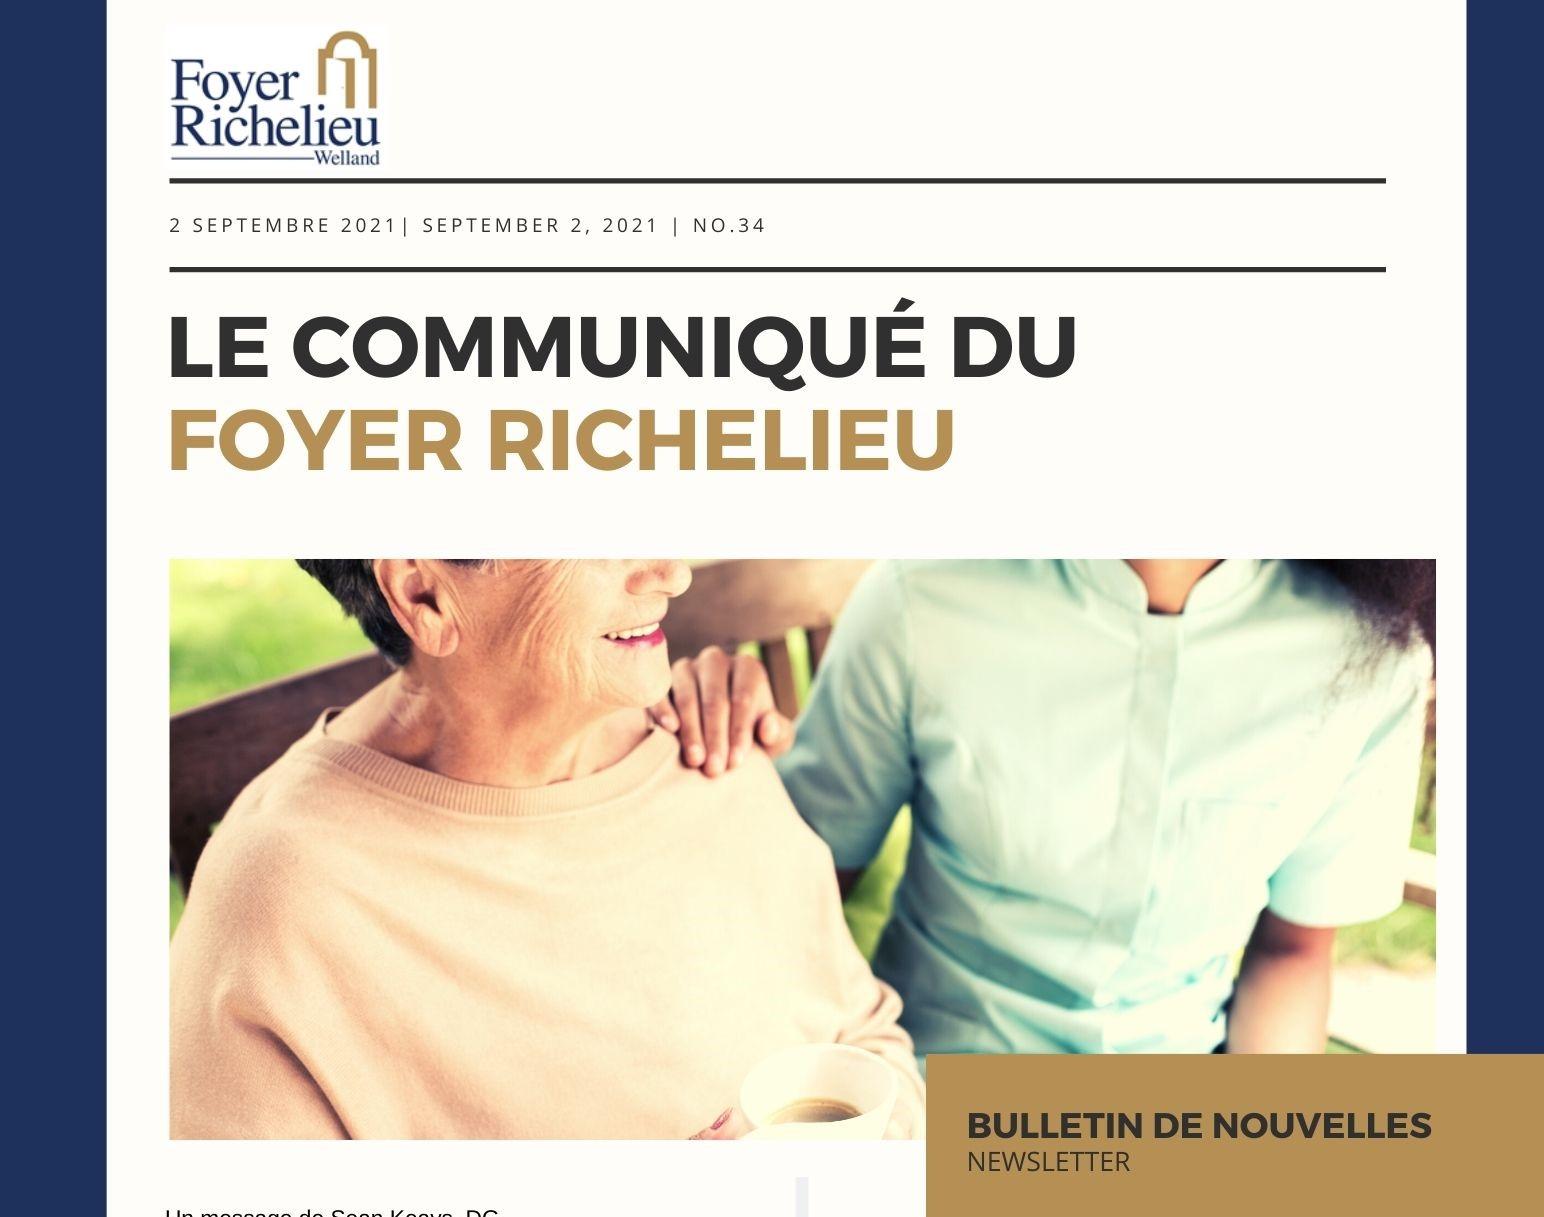 2021/09/02 – Le communiqué du Foyer Richelieu